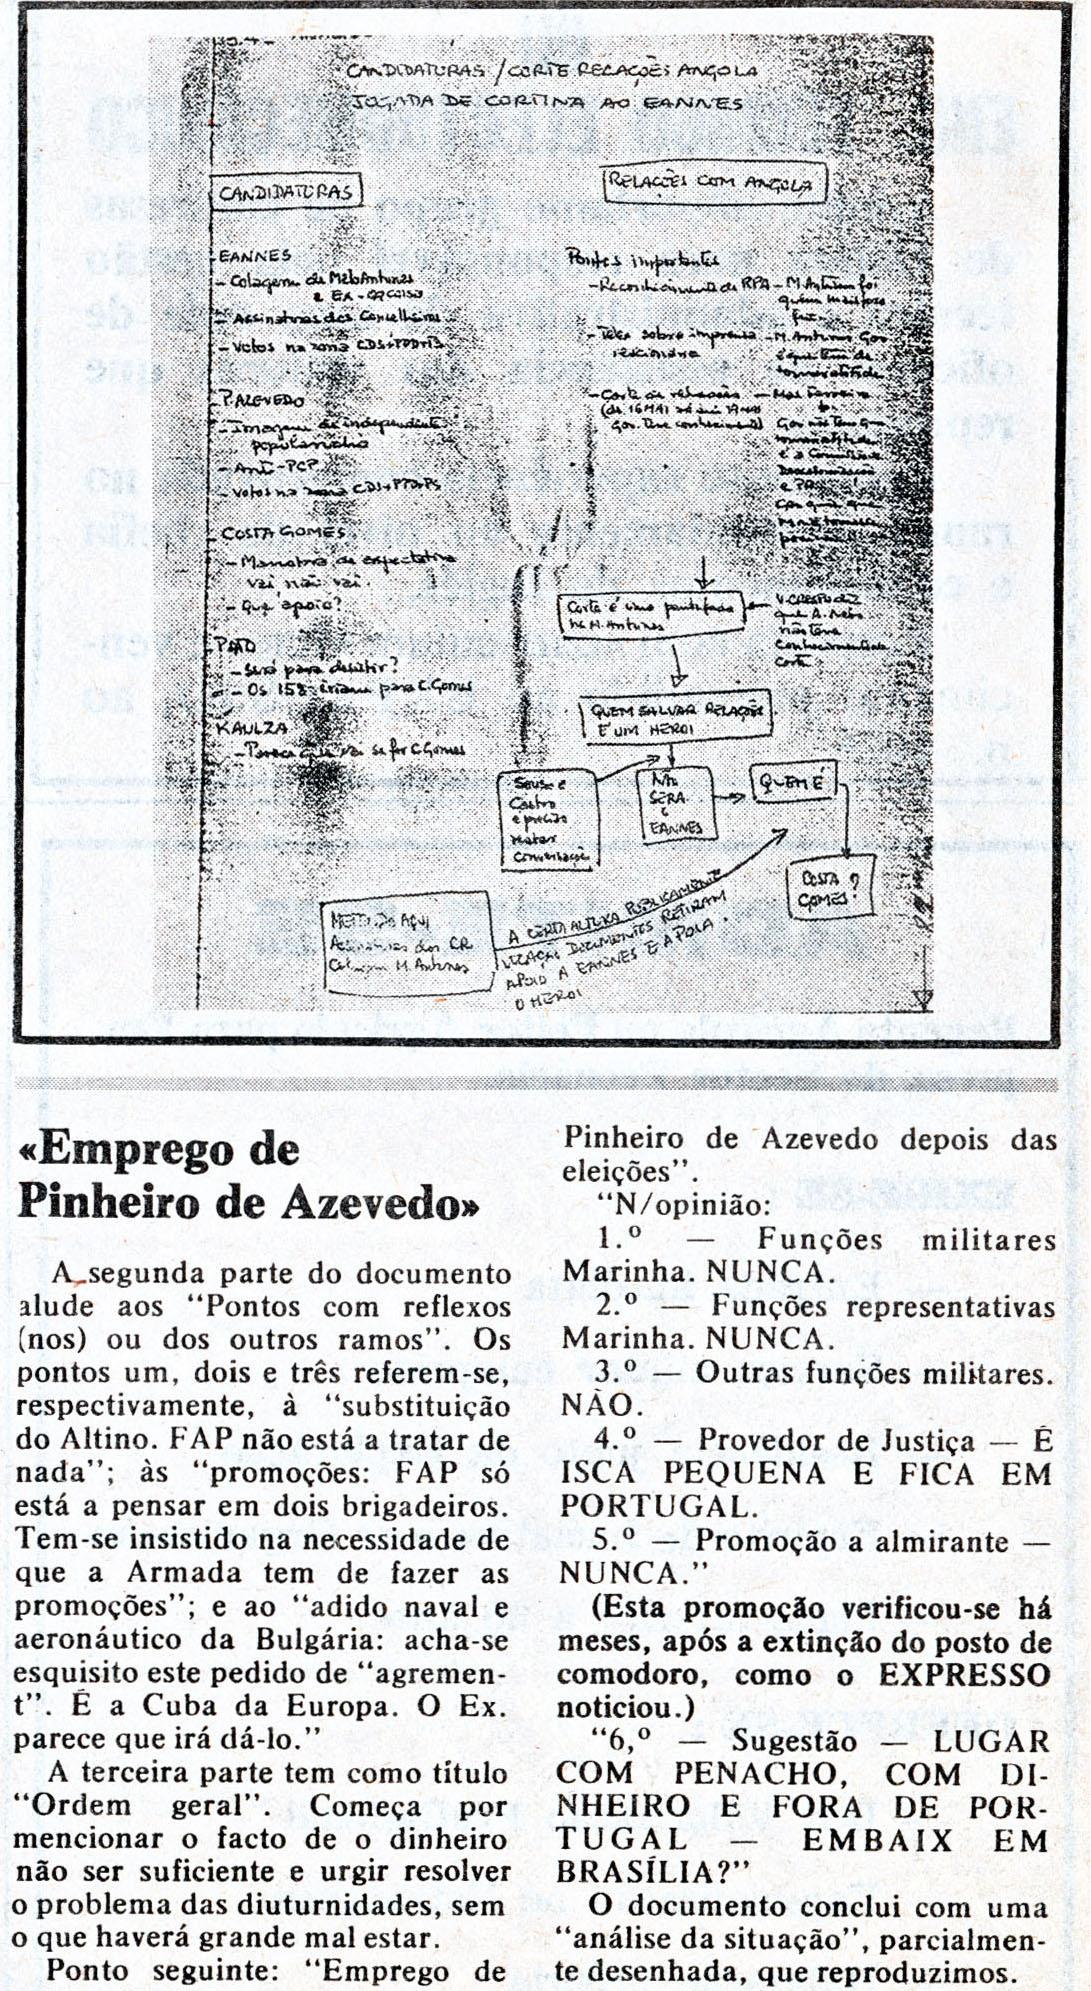 00848 977-09-10 artigo noticiando manobras político-militares onde não tive interferência -Expresso -parte 5